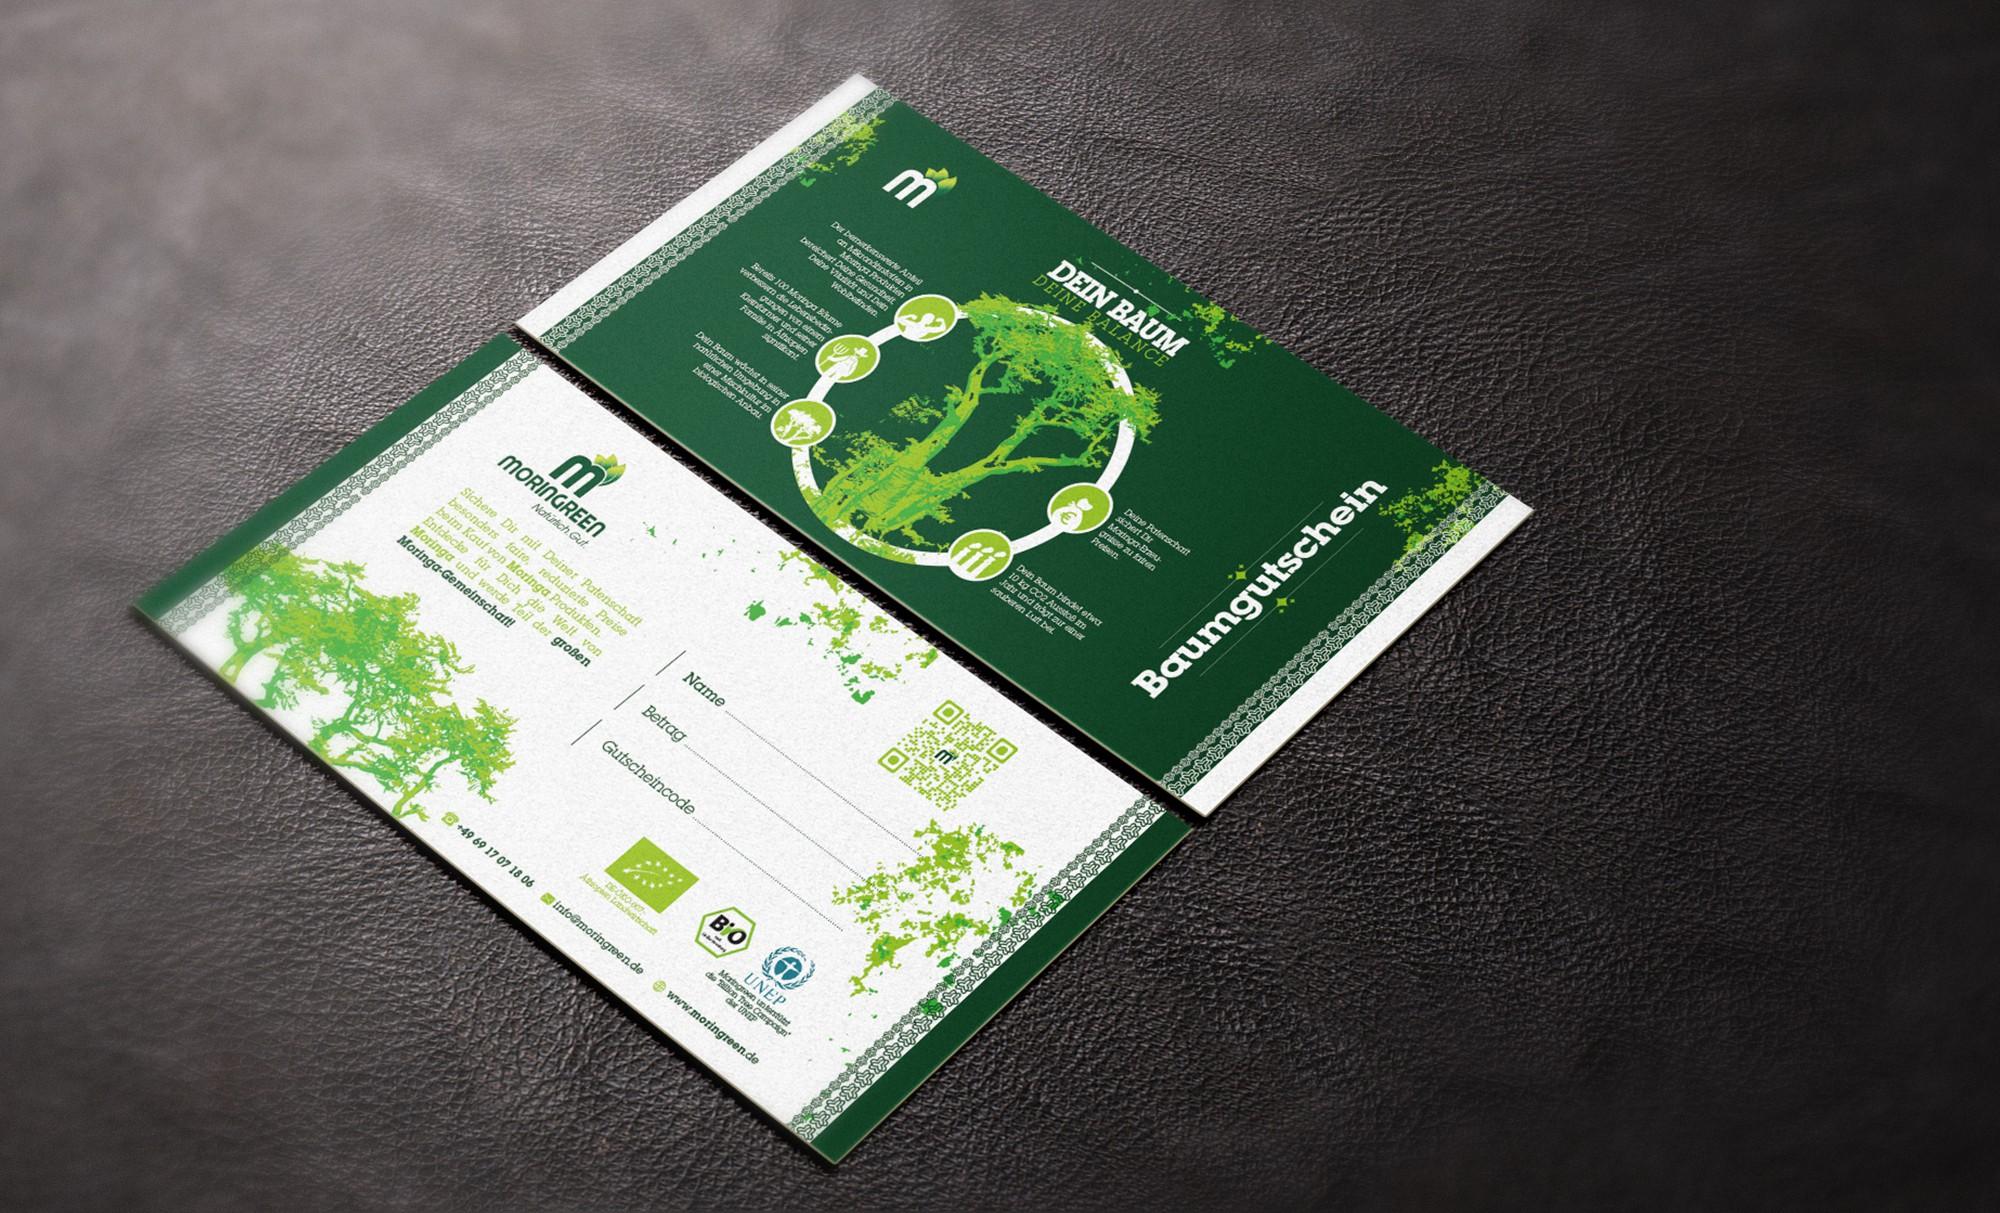 Baum Gutschein/Zertifikat für crowdfunding Kampgne